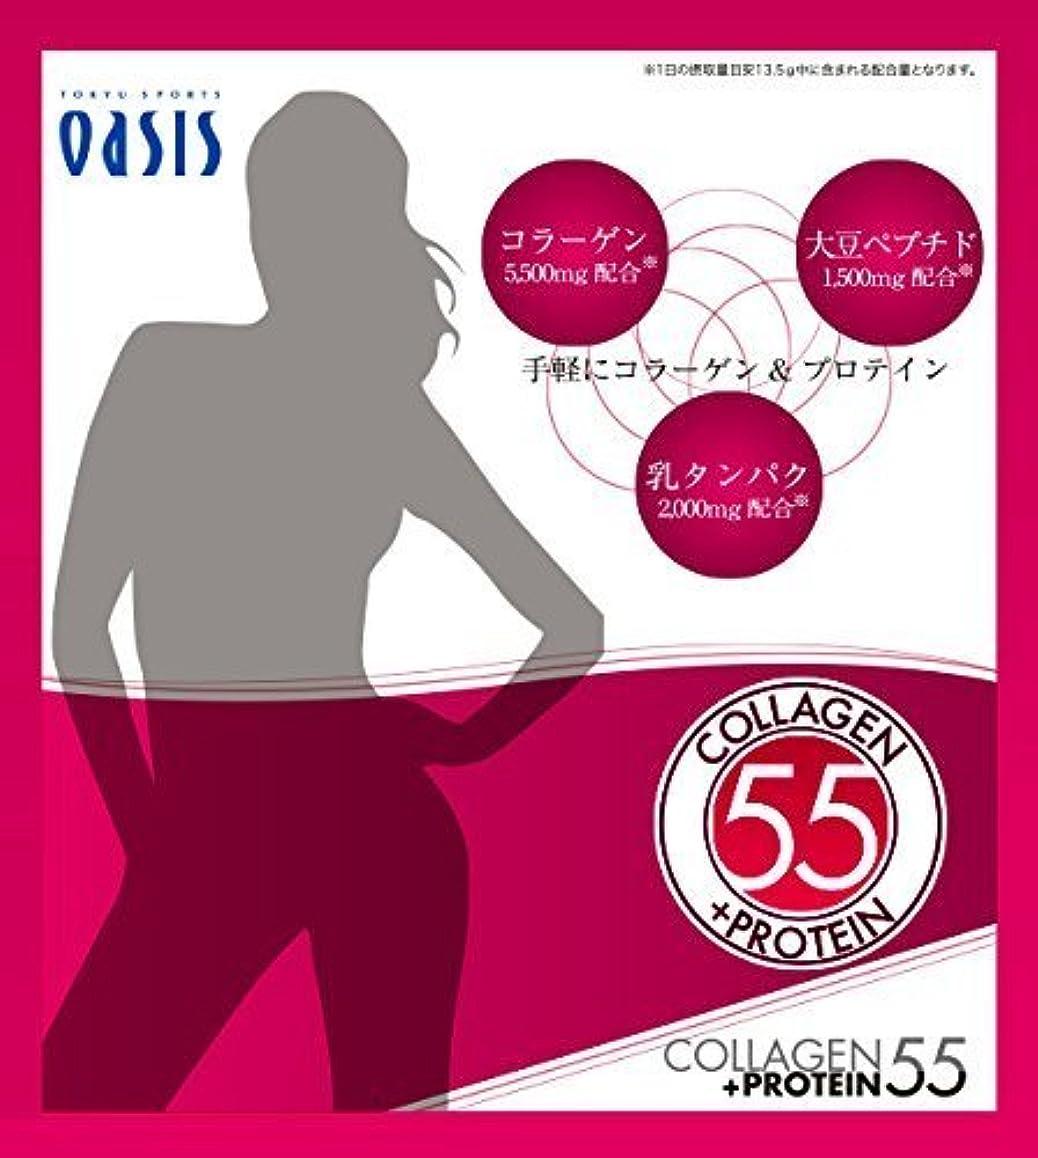 博物館雄大な二東急スポーツオアシス COLLAGEN+PROTEIN55(コラーゲン プラス プロテイン55)コラーゲン55